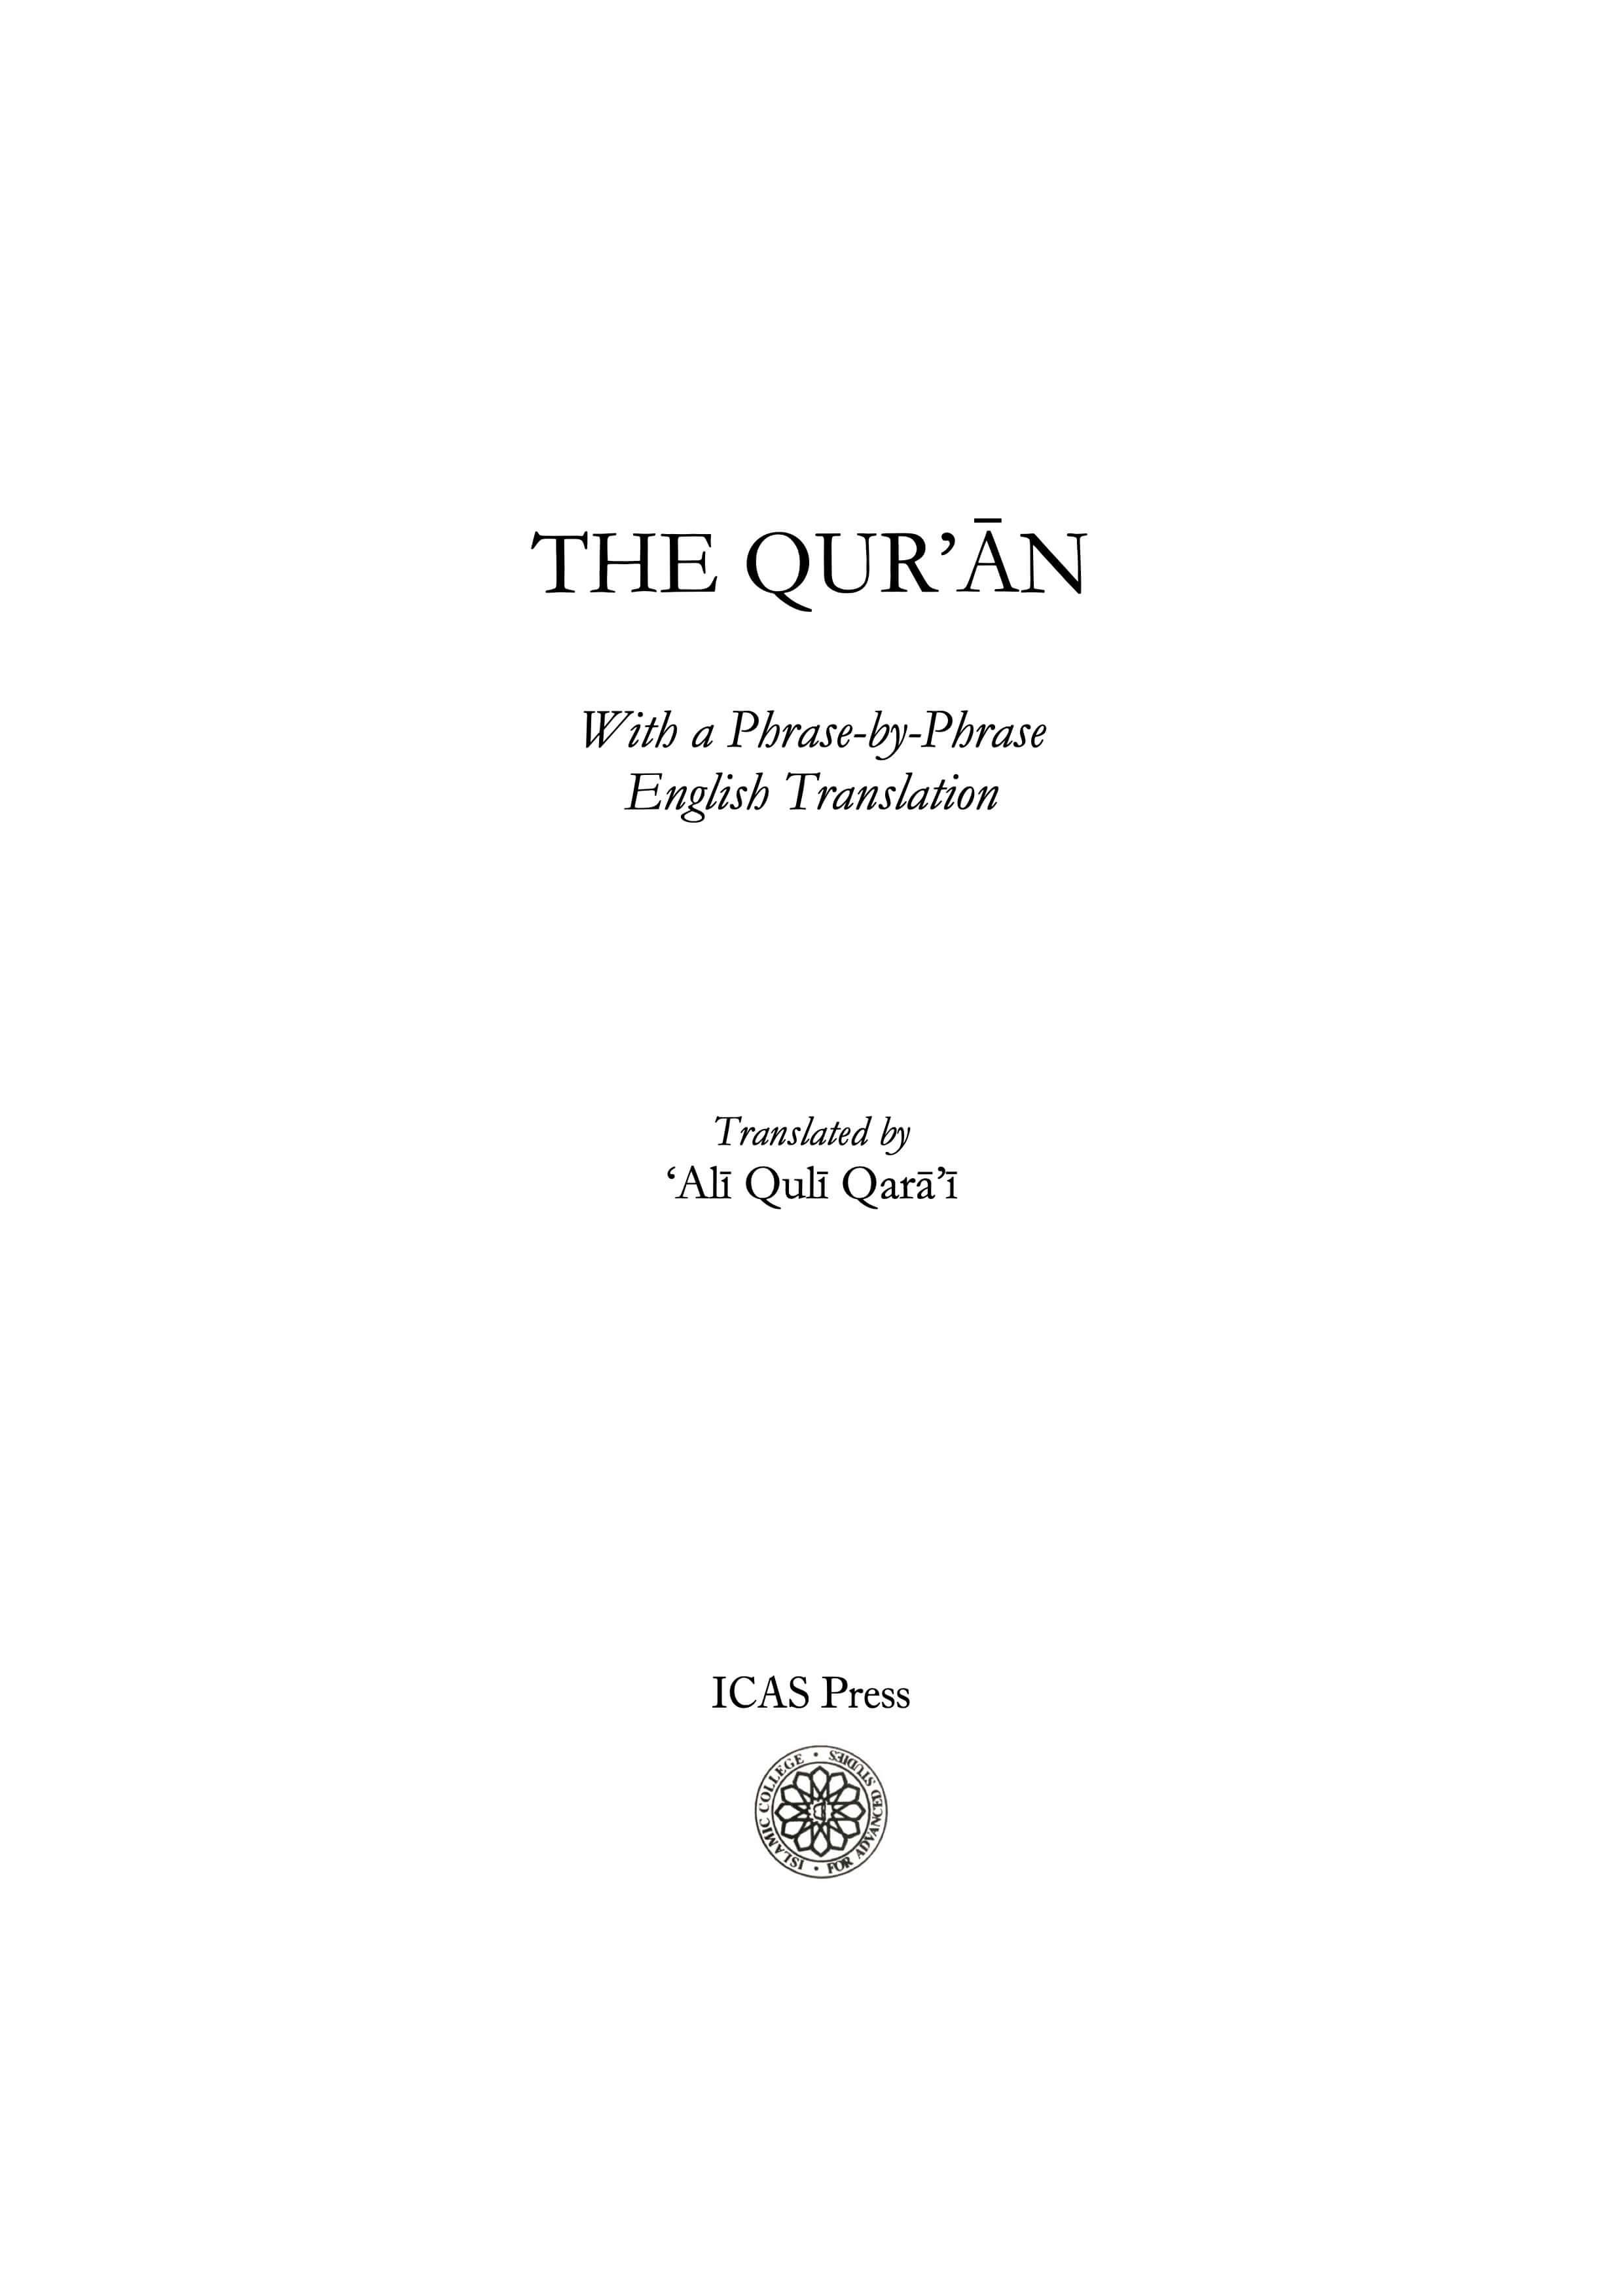 Ali Quli Qarai 2005 Quran Explorer, Page 3